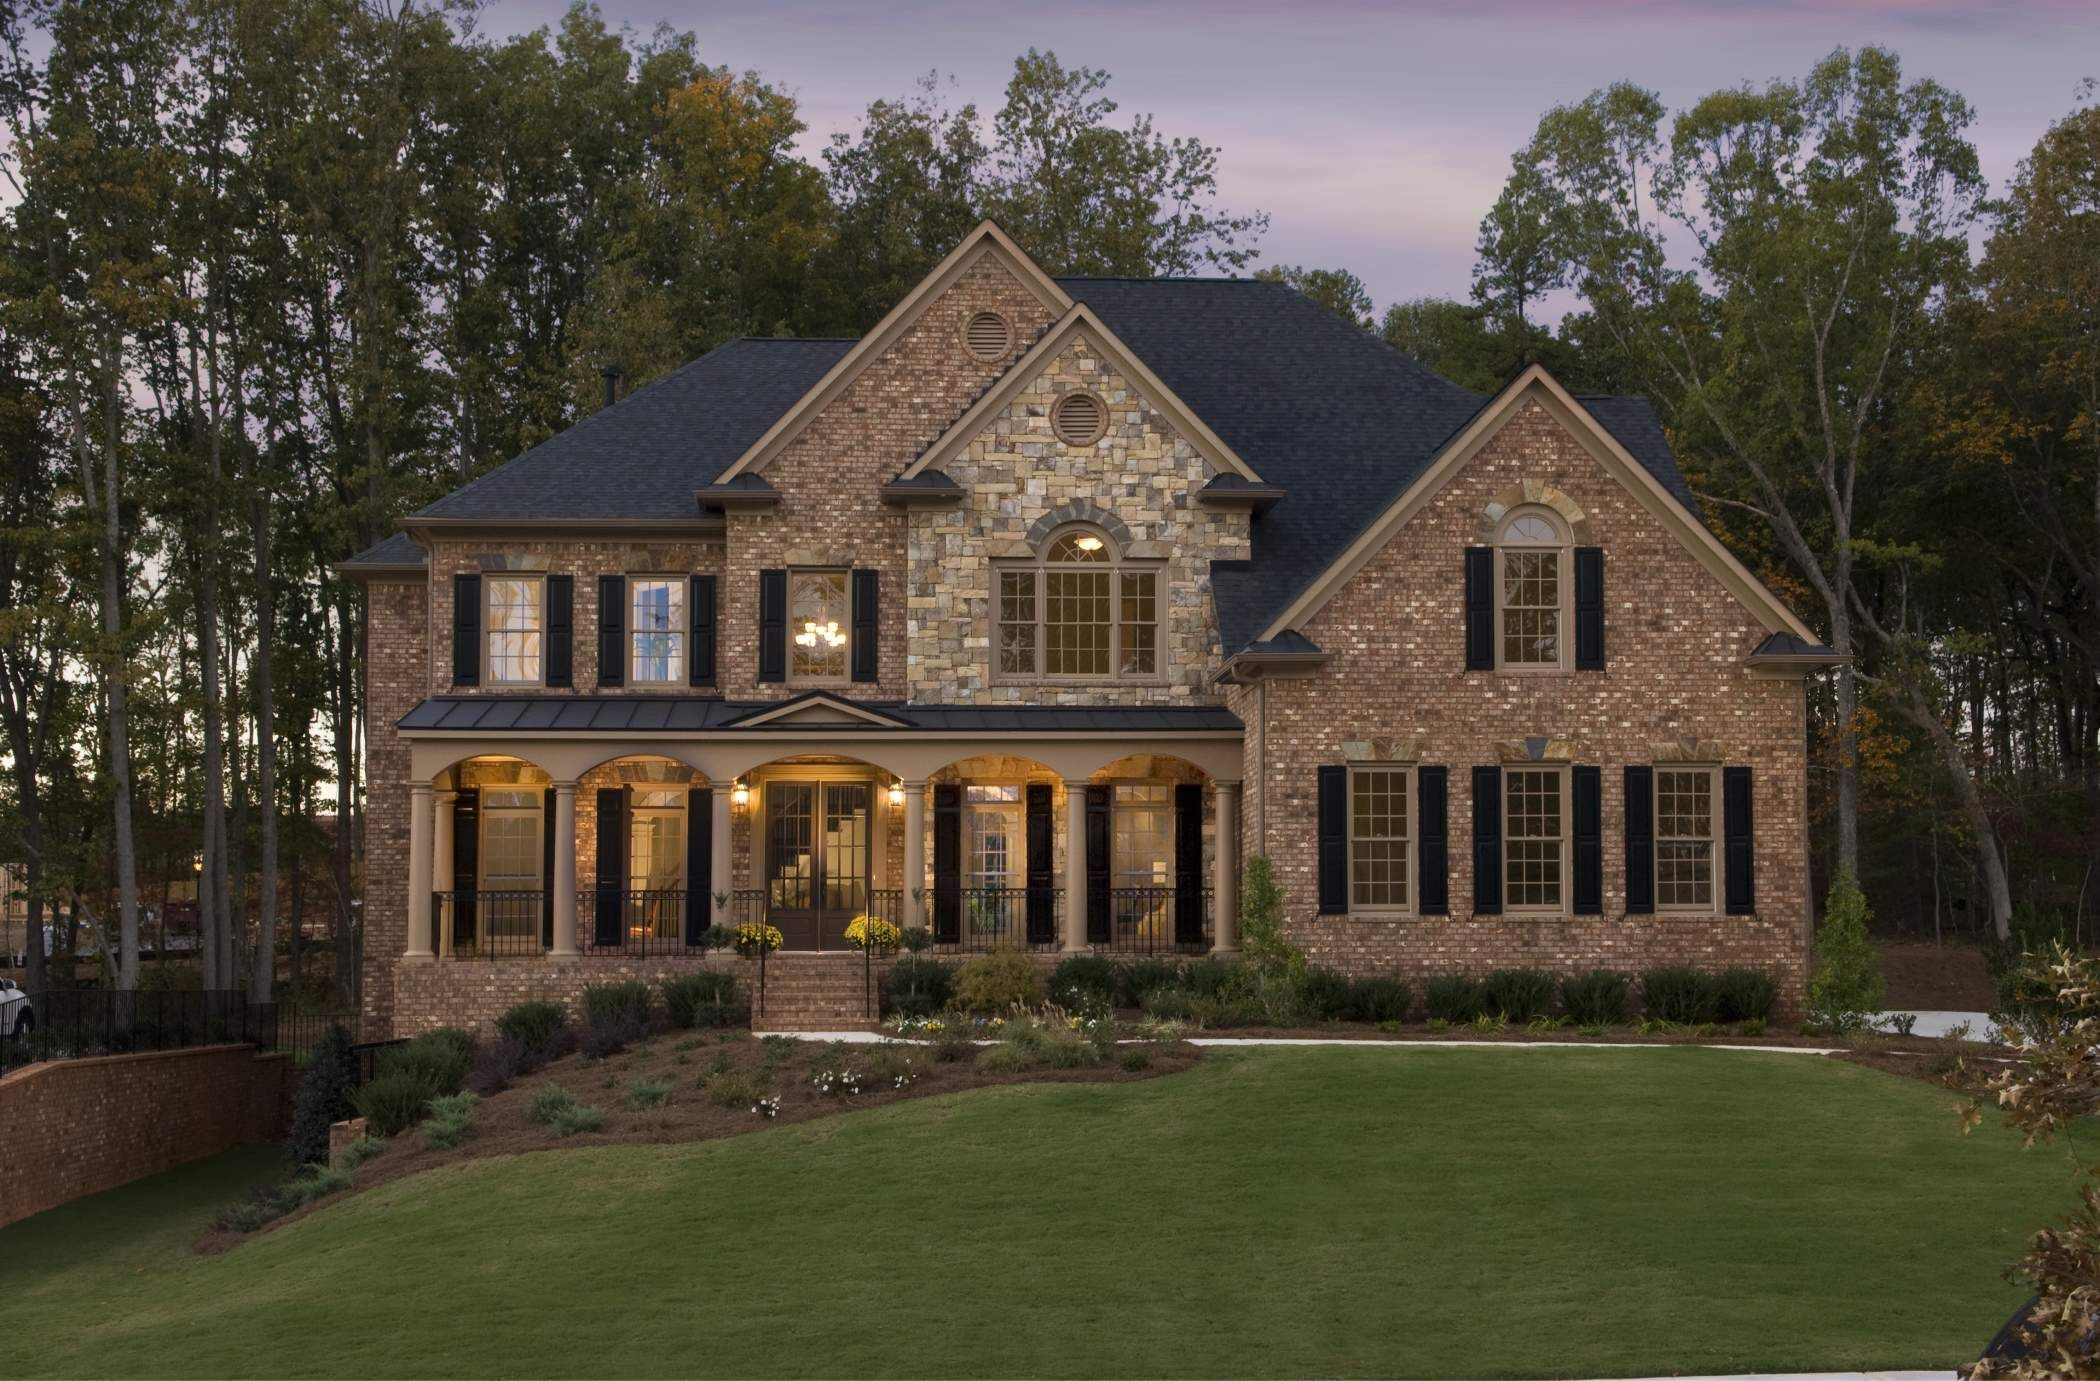 Custom Built Homes | Building Dream House 2018 | Pinterest ...